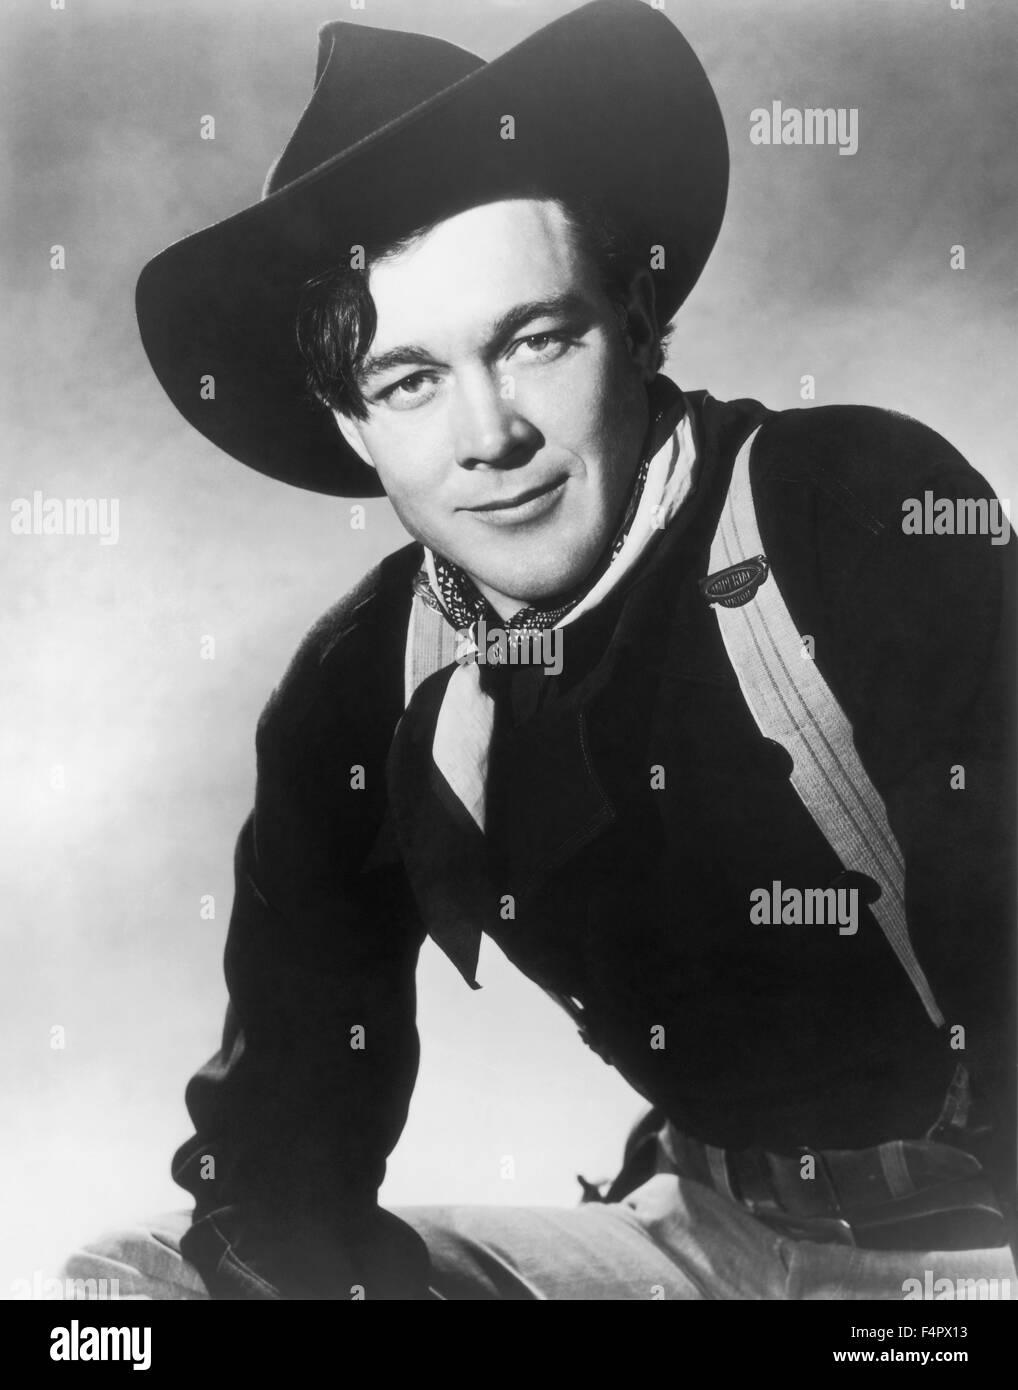 Ben Johnson / Wagon Master / 1950 unter der Regie von John Ford [Argosy Bilder / RKO Radio Pict] Stockbild